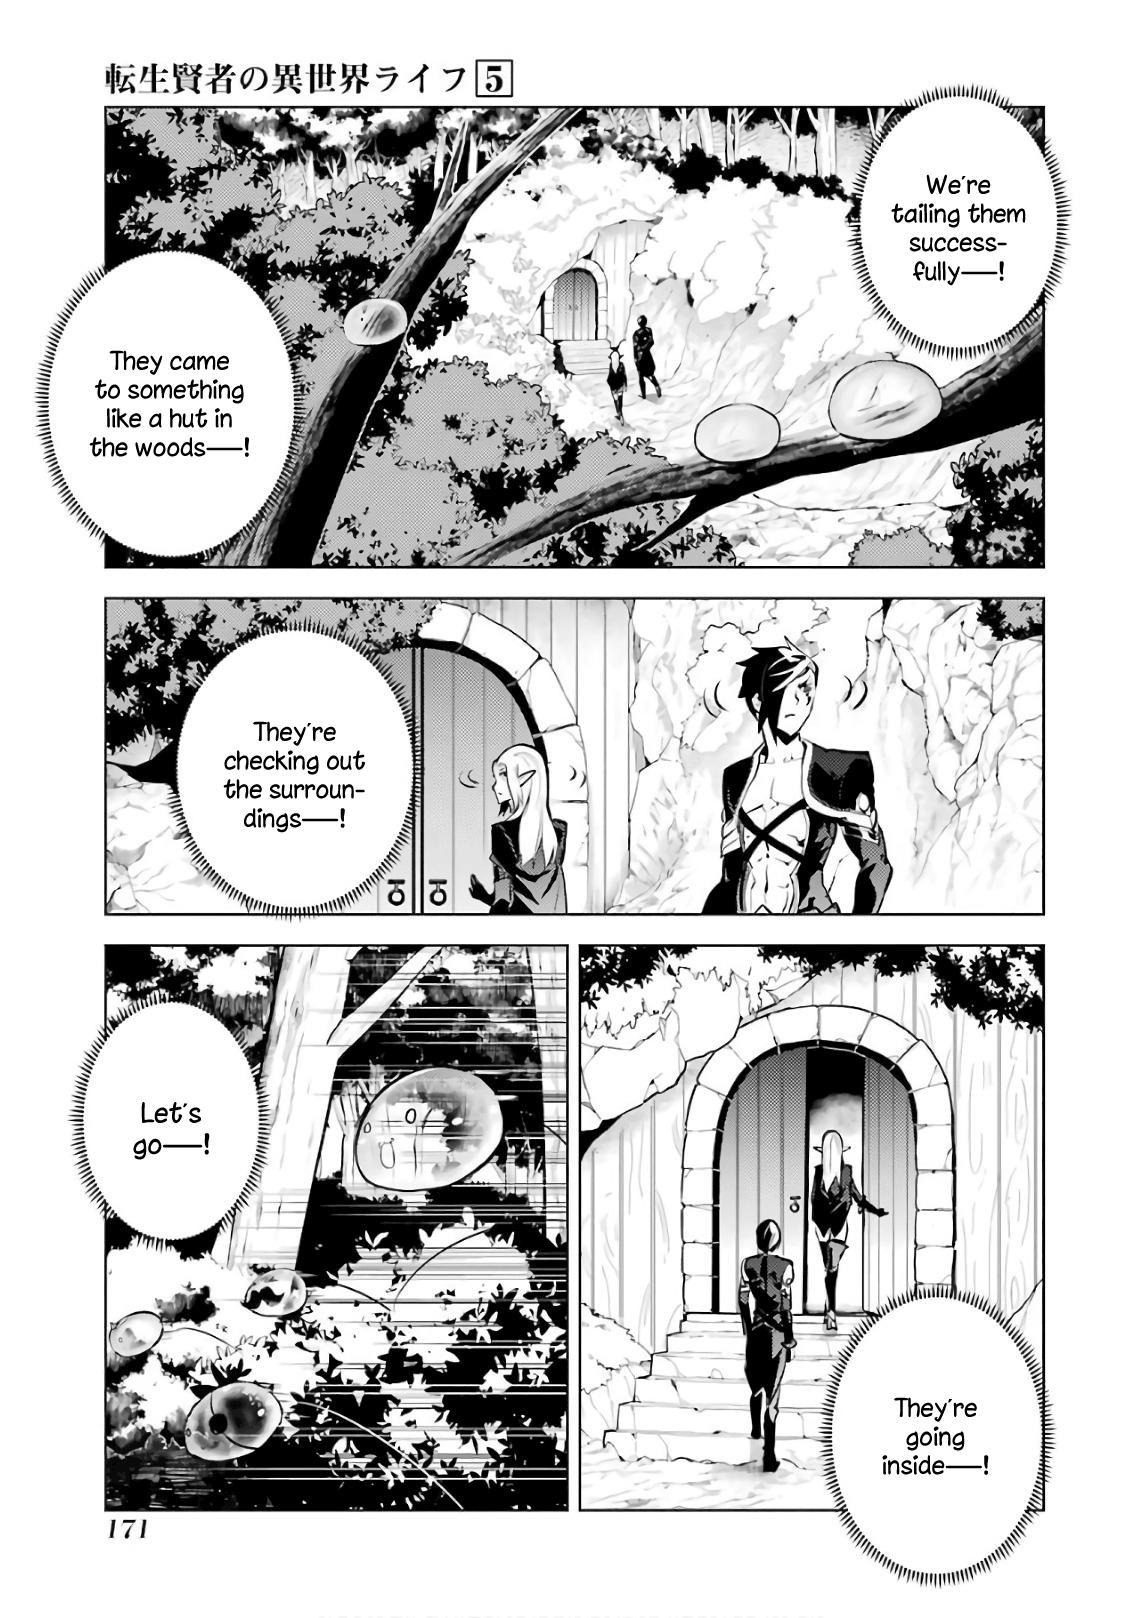 Tensei Kenja No Isekai Raifu ~Daini No Shokugyo Wo Ete, Sekai Saikyou Ni Narimashita~ Vol.5 Chapter 15: I Was Being Pursued page 46 - Mangakakalots.com